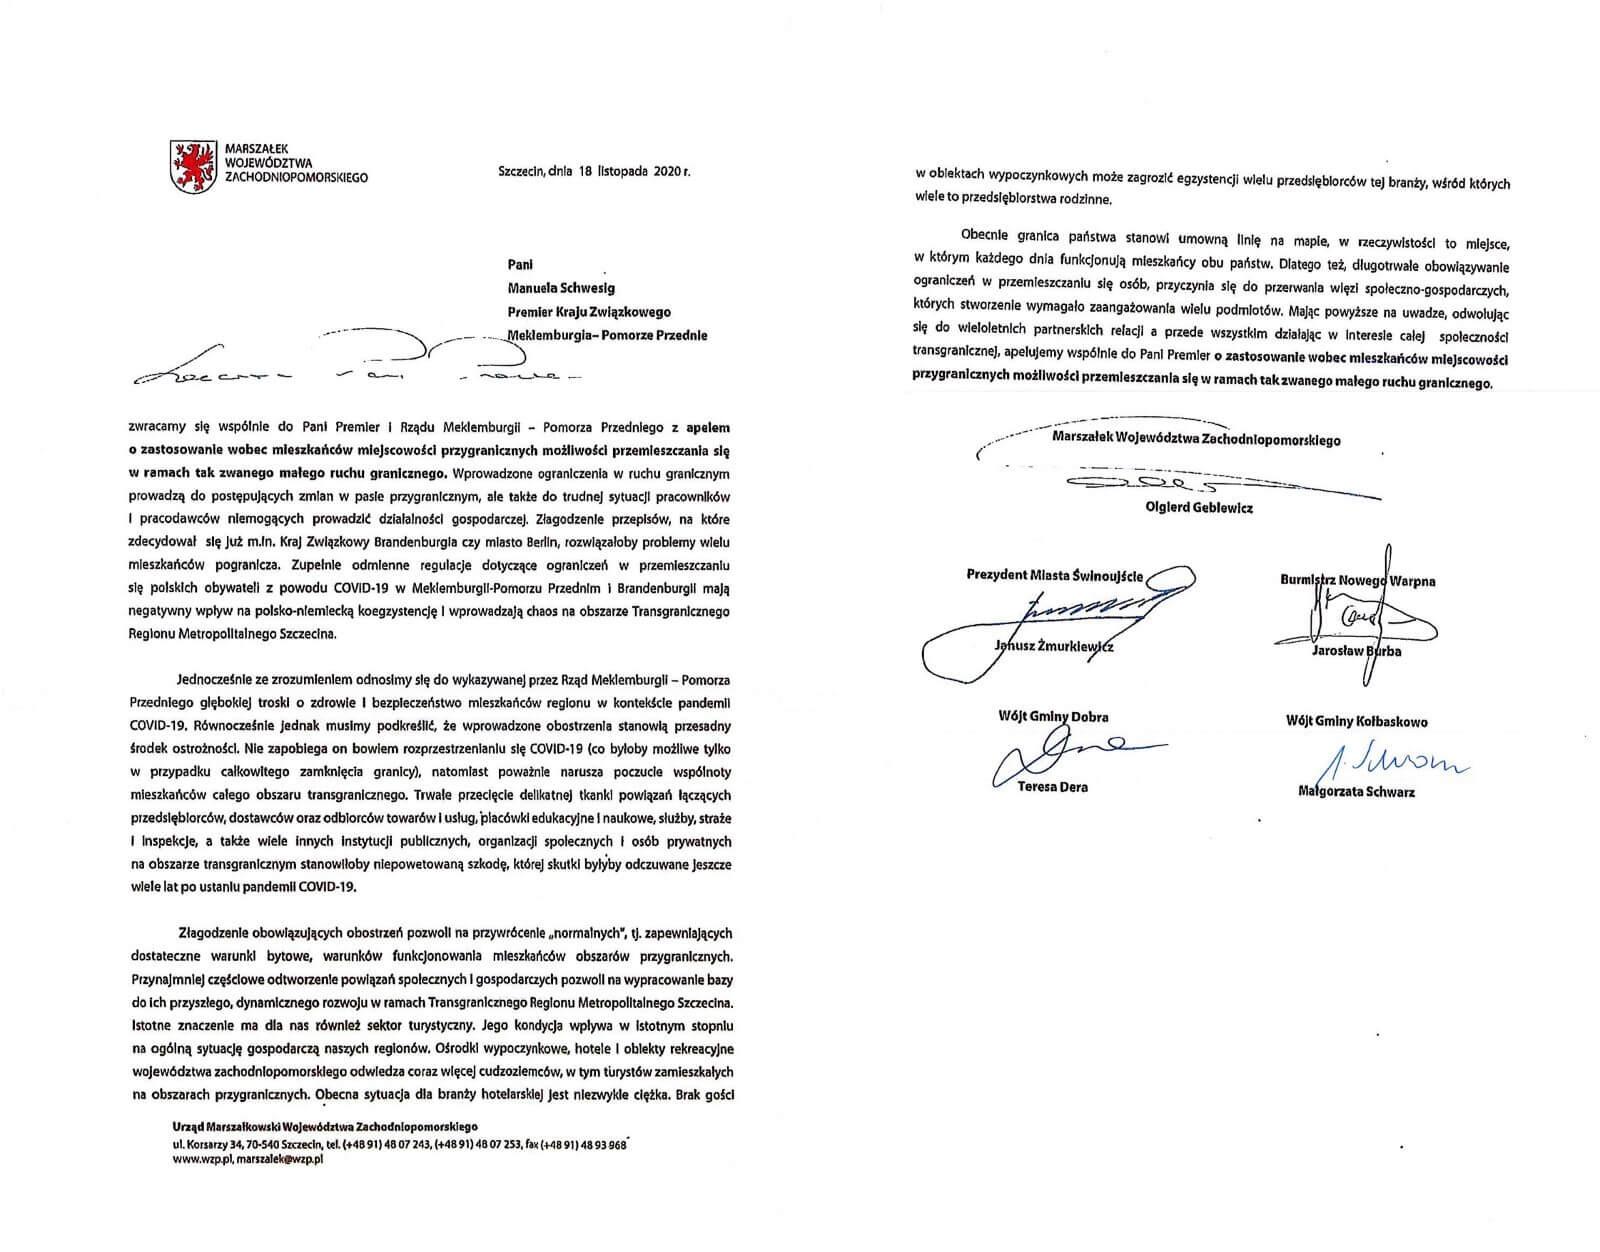 Apel samorządowców i marszałka województwa do władz landu Meklemburgia.